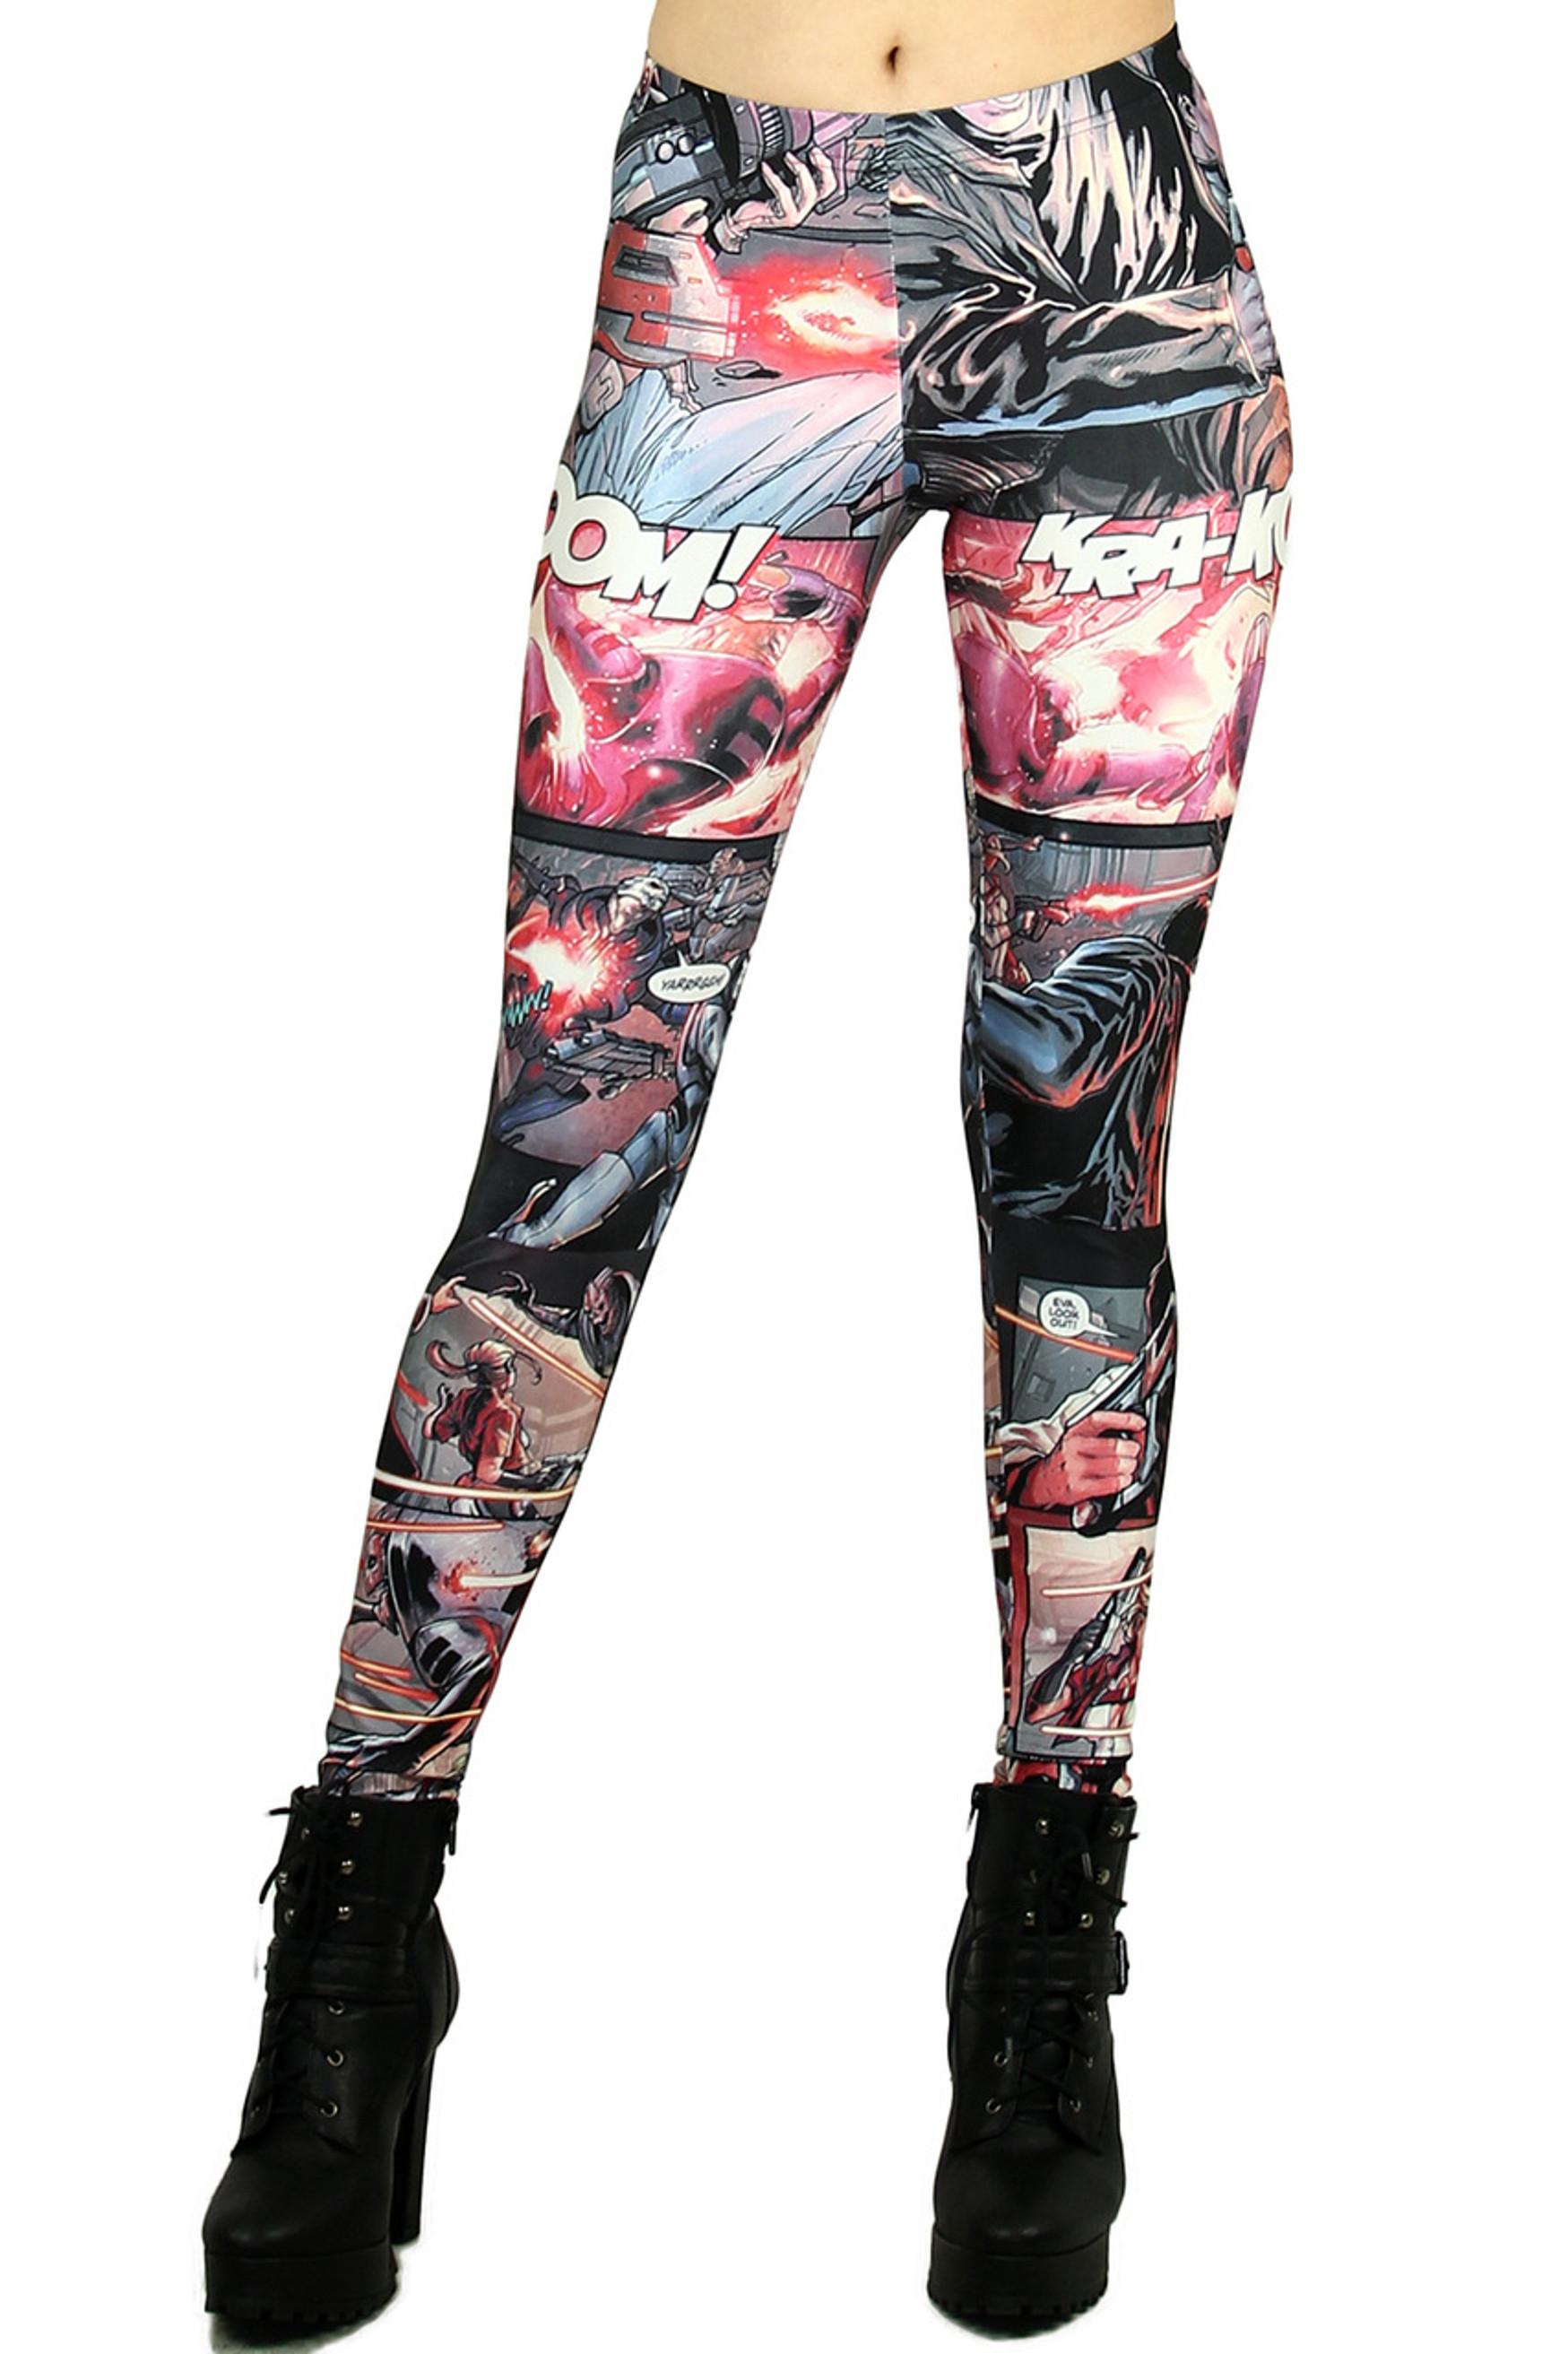 Superhero Cartoon Leggings